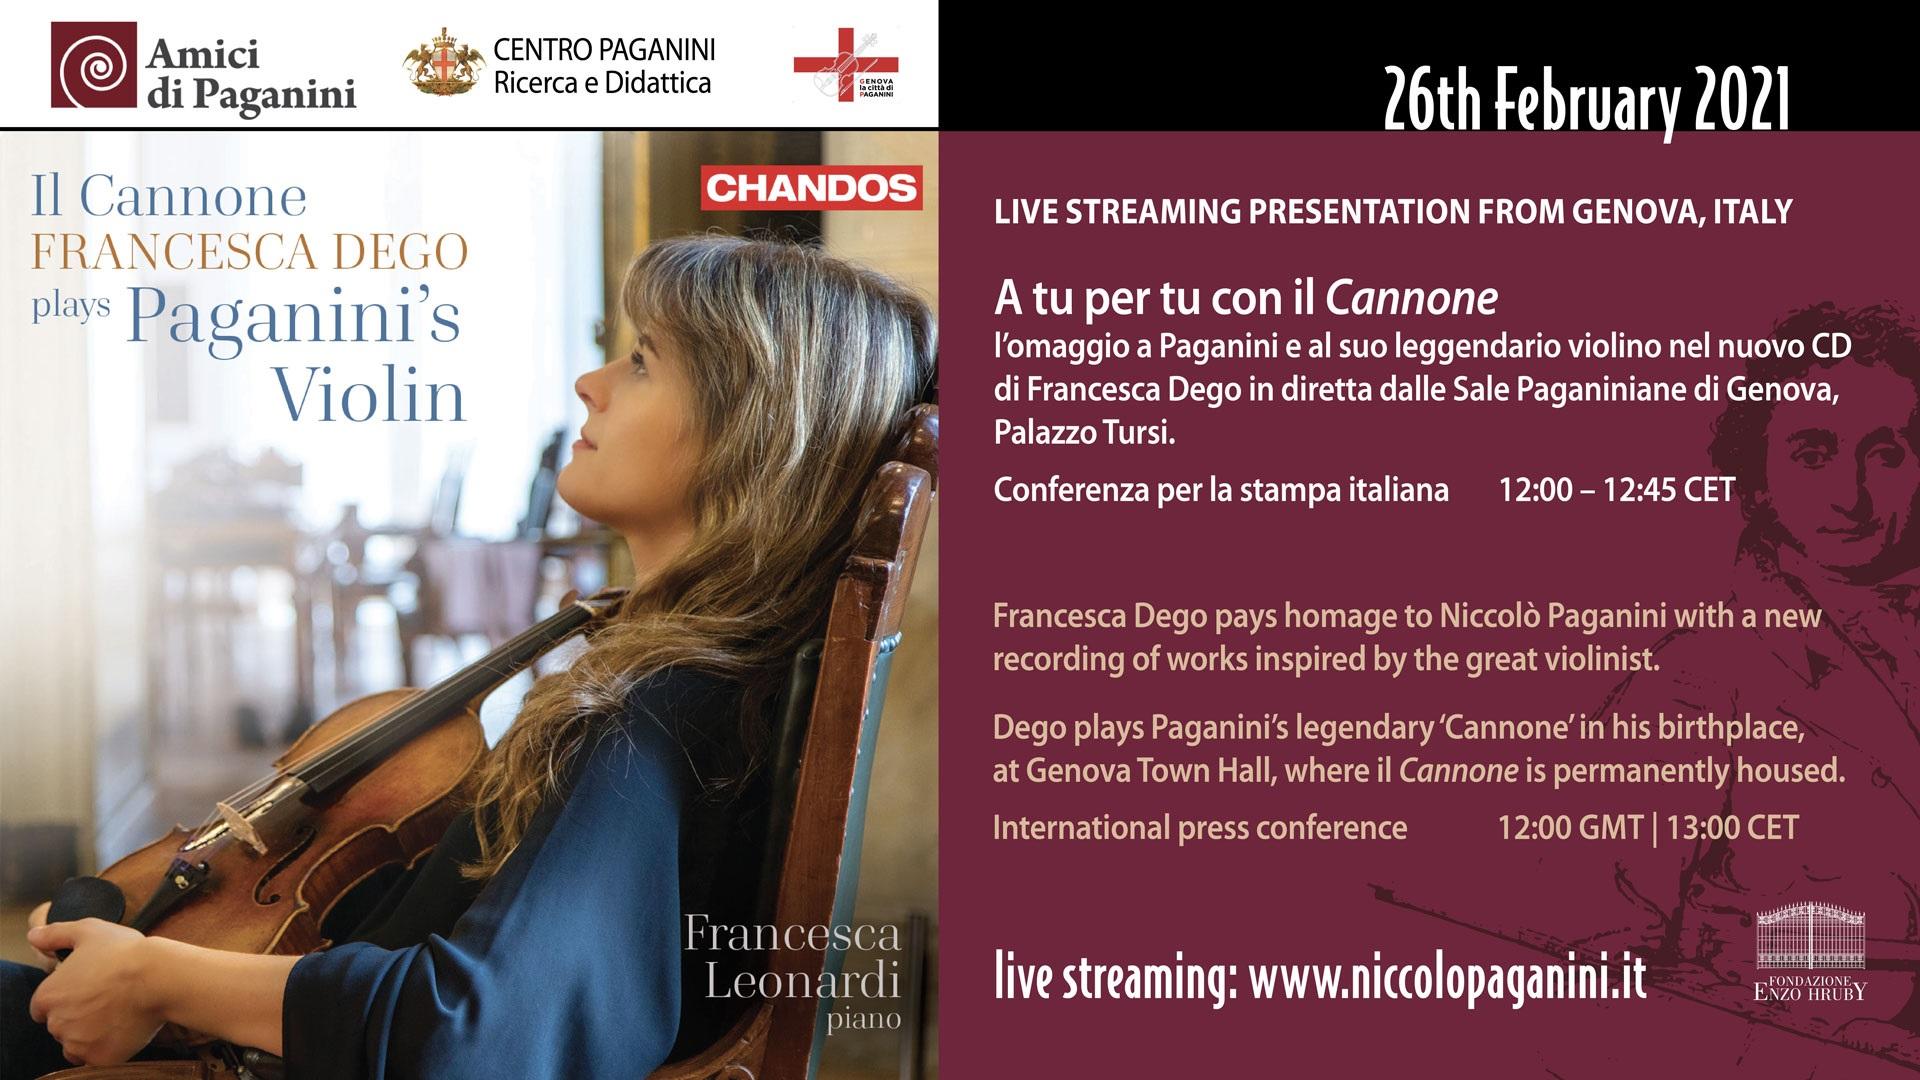 Invito 26 febbraio 2021 - Francesca Dego e il Cannone